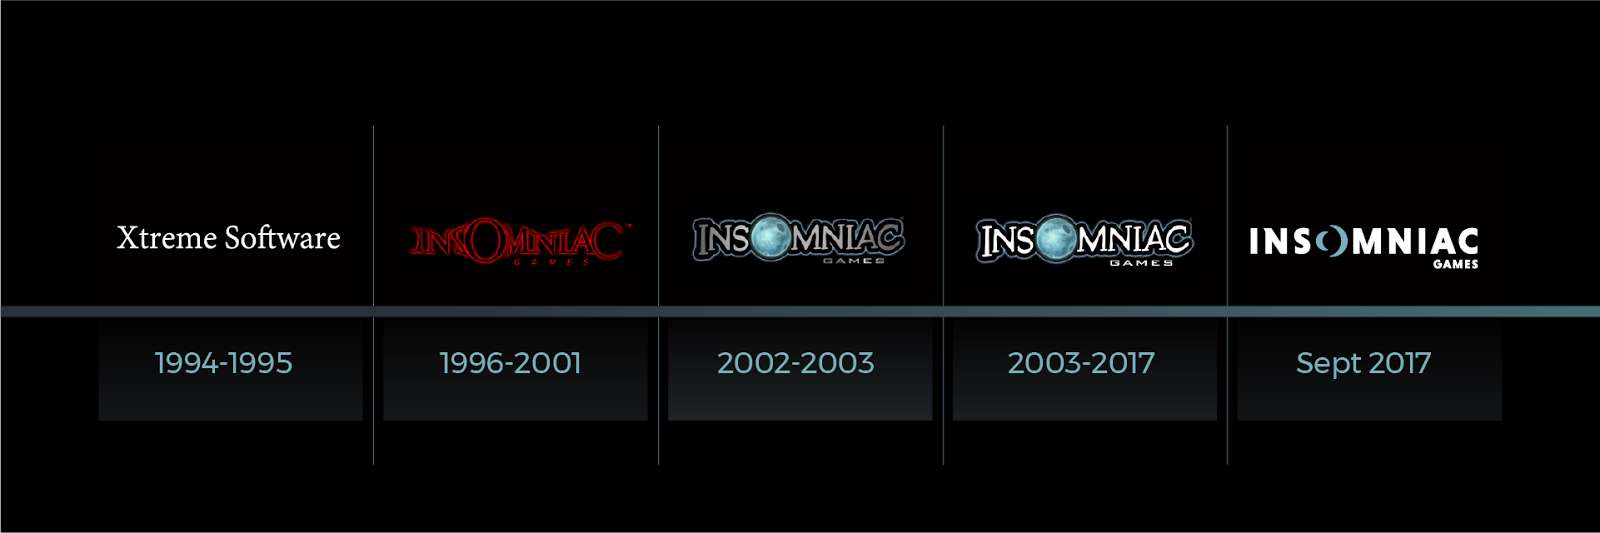 El Desarrollador De Videojuegos Insomniac Games Redisena Su Isologo